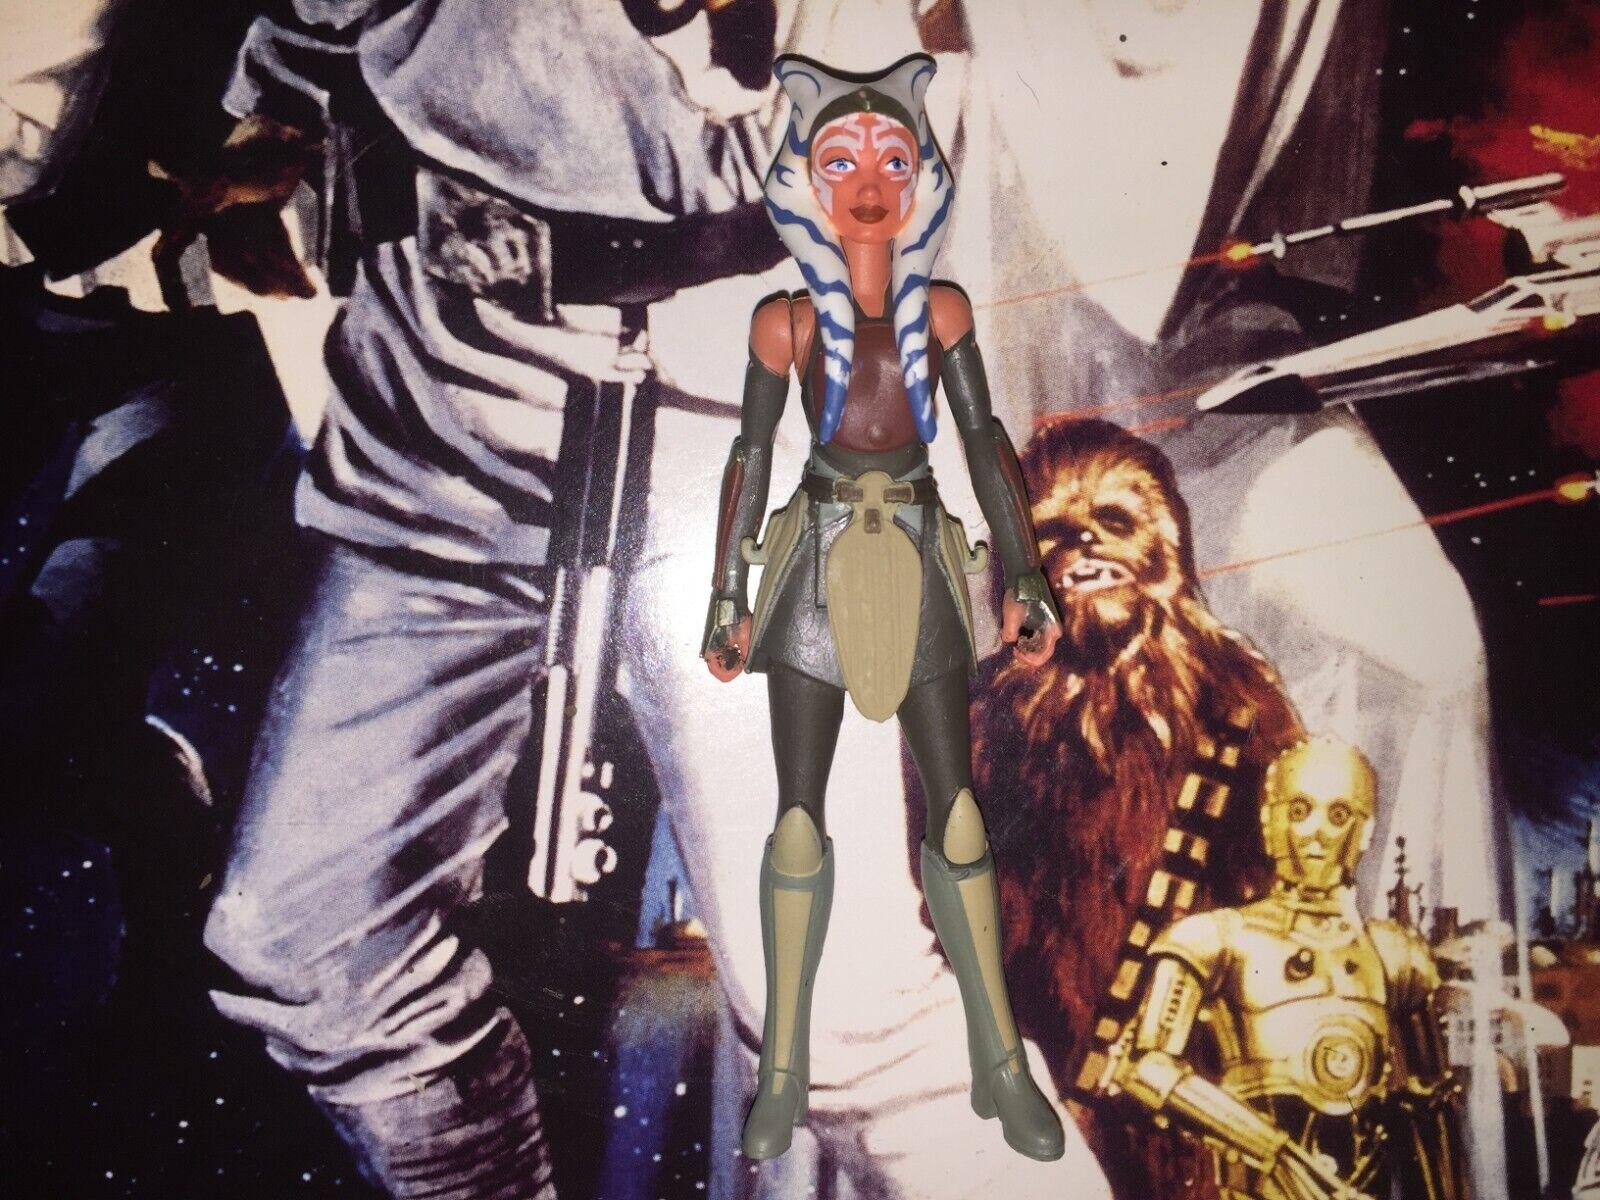 Hasbro Star Wars Ashoka Tano Rebels 3.75 Action Figure  - $20.50